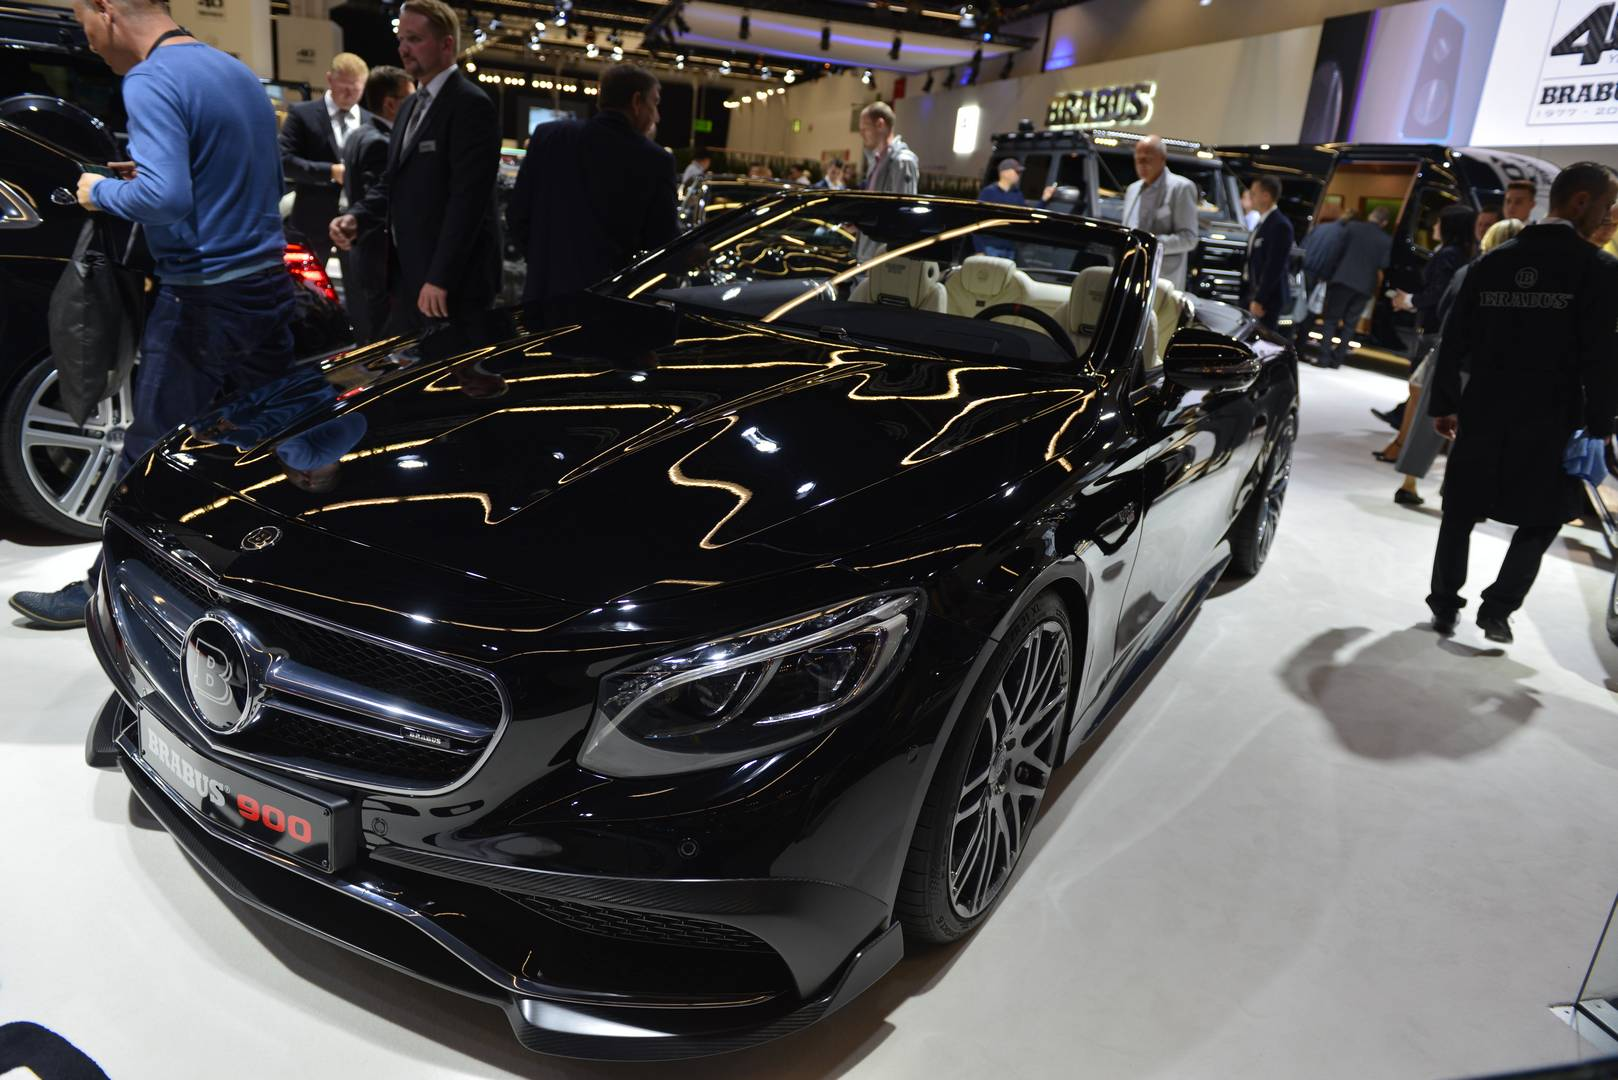 Mercedes-AMG только что представил фэйлифтинговую модель 2018 Mercedes-AMG S 65 Cabriolet Facelift на автосалоне во Франкфурте 2017, а наряду с ним и самый экстремальный кабриолет S65 на сегодняшний день.